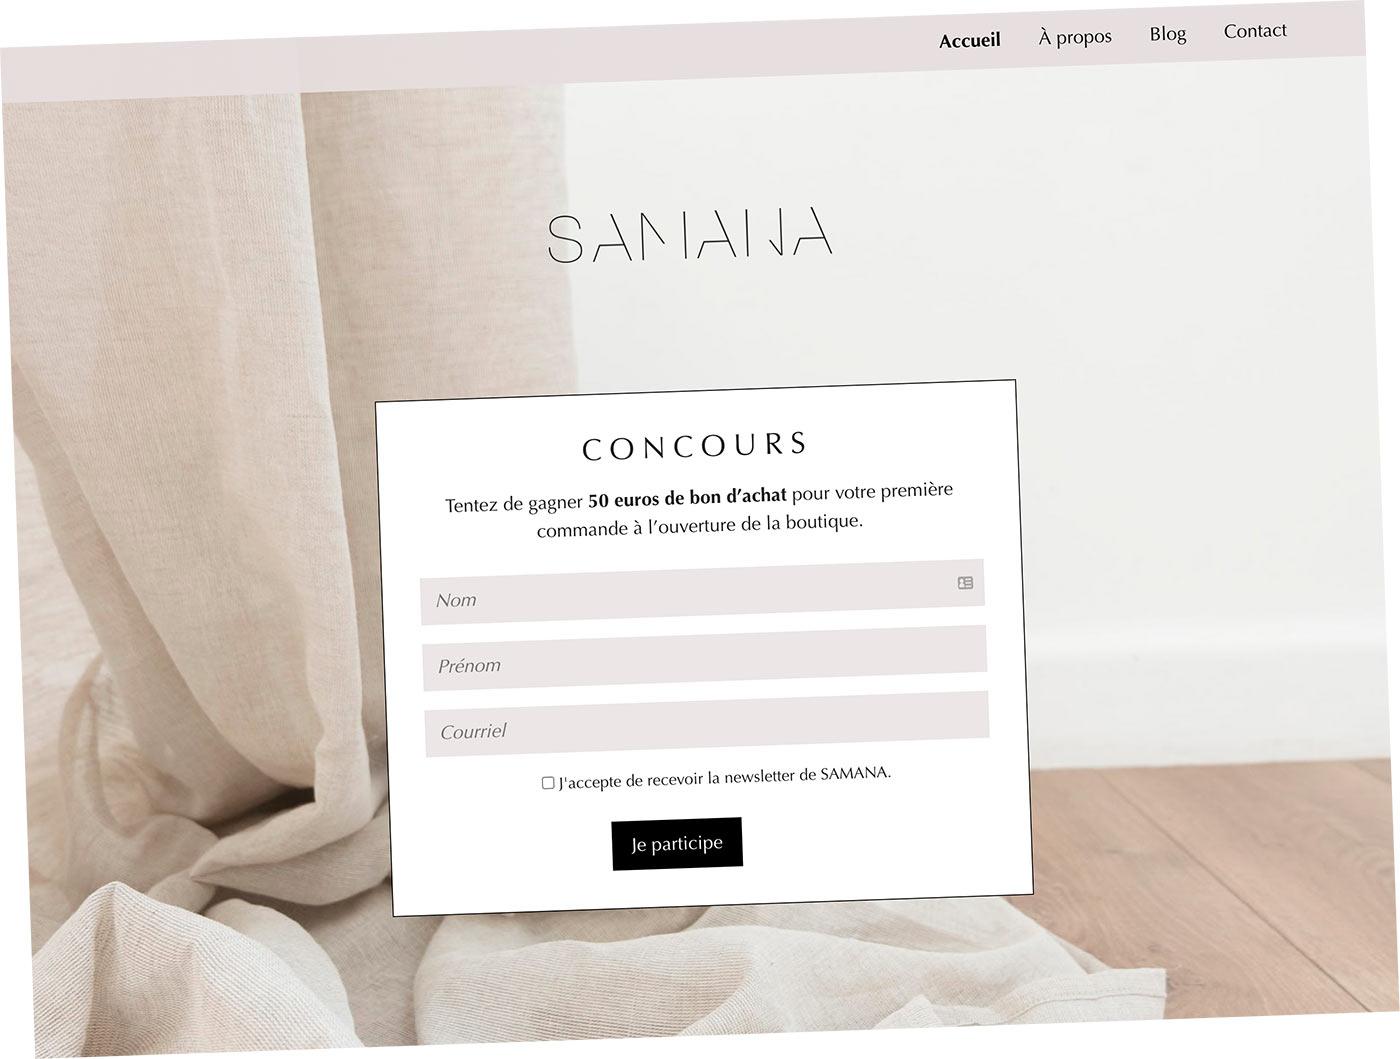 Proposer une expérience de qualité, développer une image de marque... Tout cela doit être fait avant même le lancement d'un e-commerce.